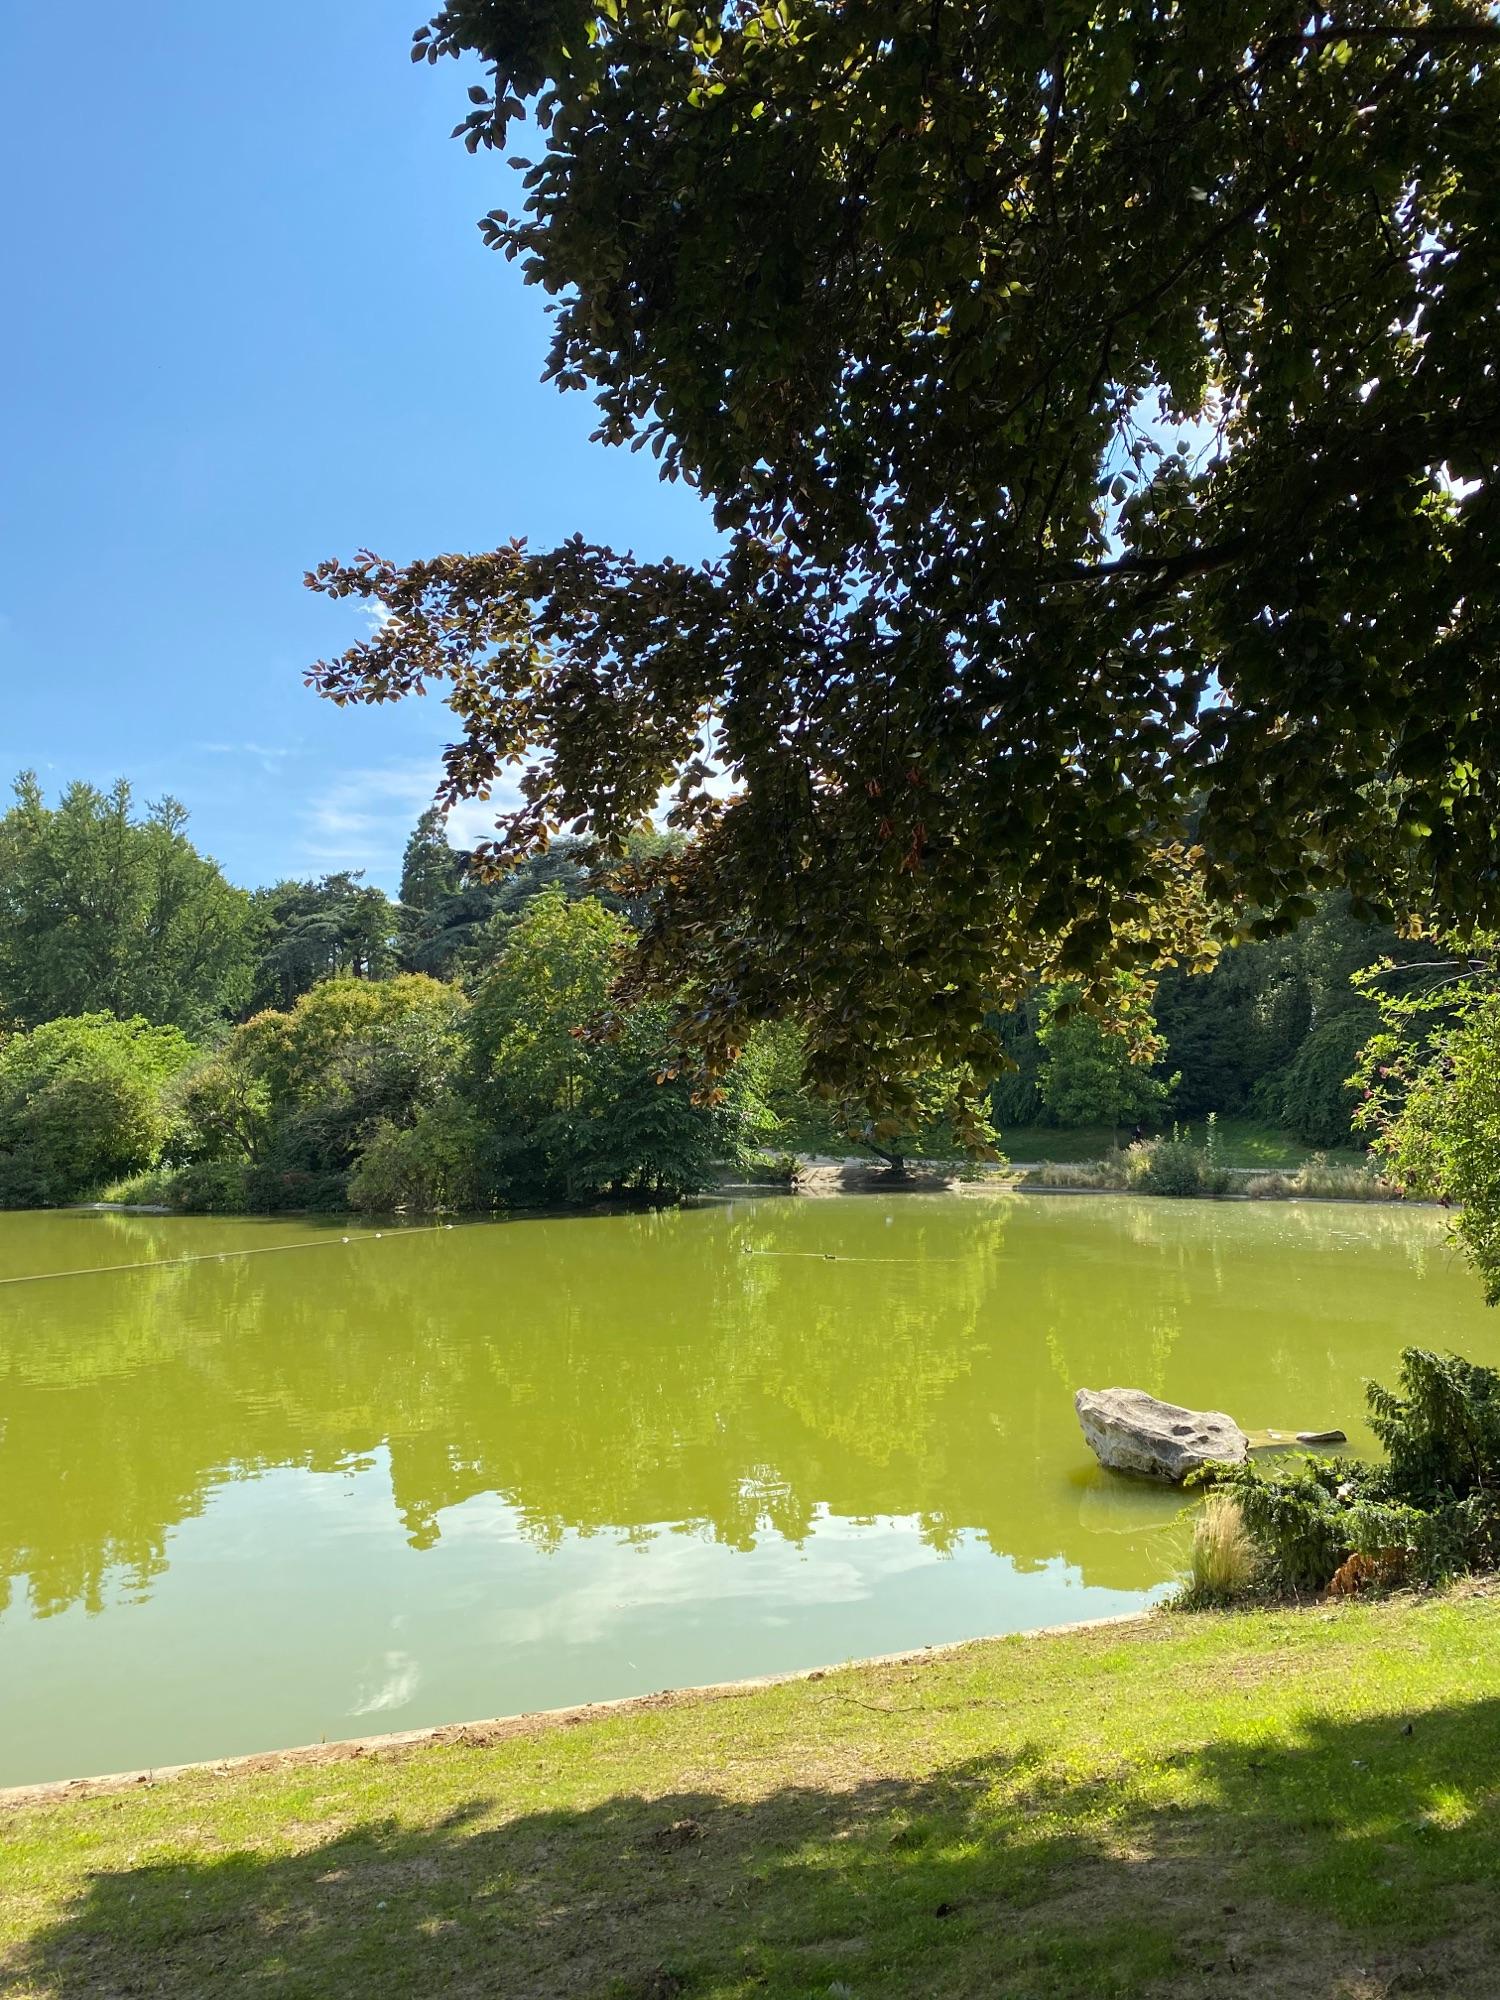 В парке Montsouris зеленая вода, и везде пахнет свежим лошадиным навозом.